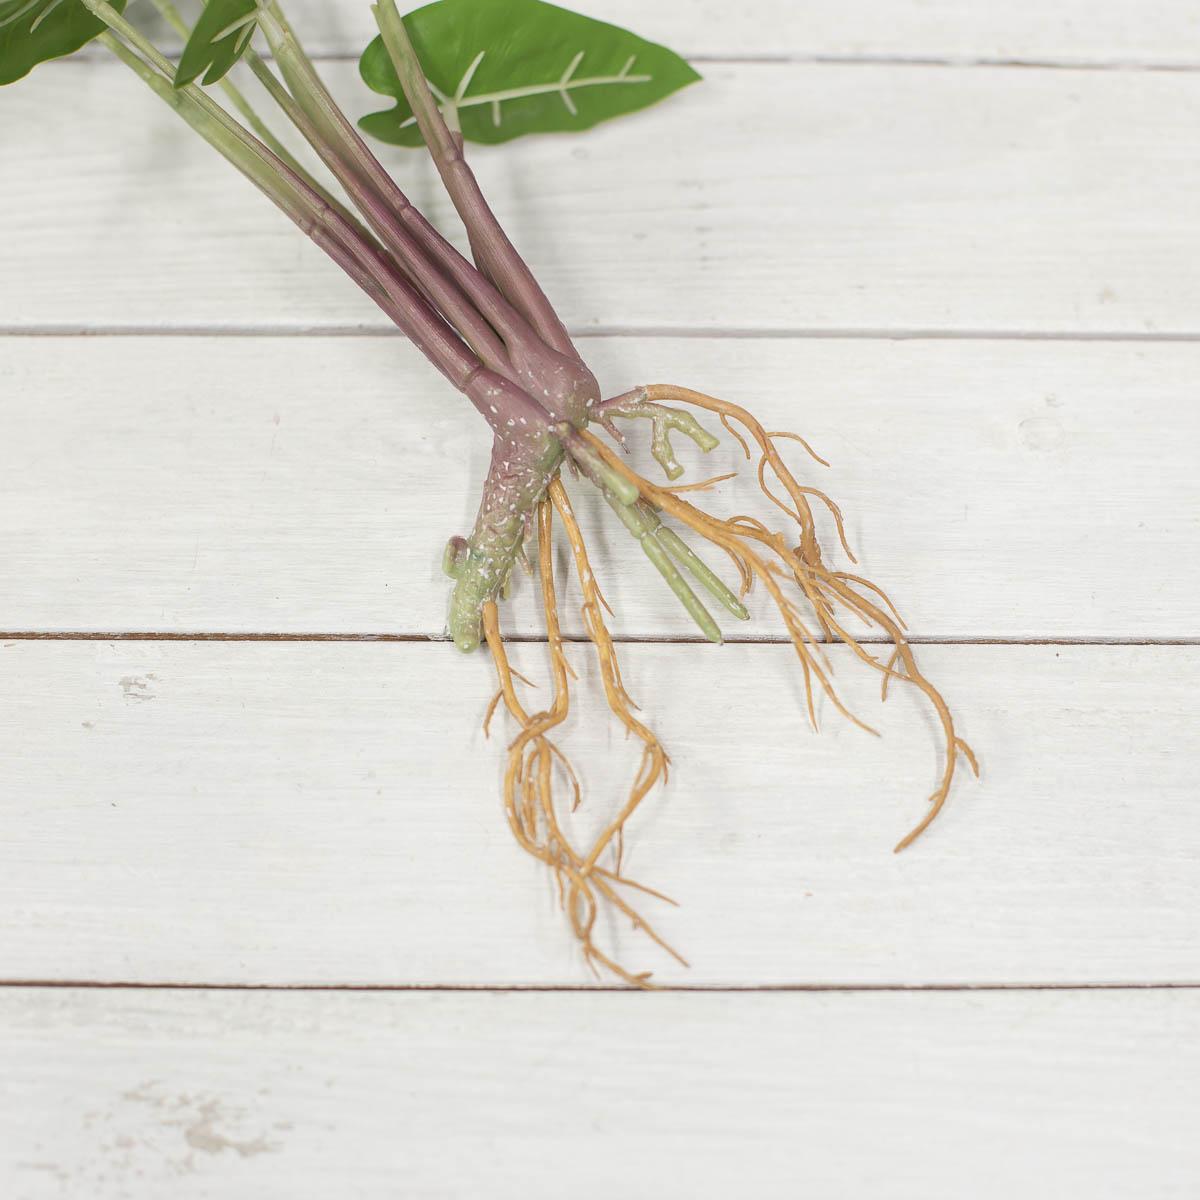 거북 알로카시아 리얼뿌리 부쉬 뿌리부분 디테일